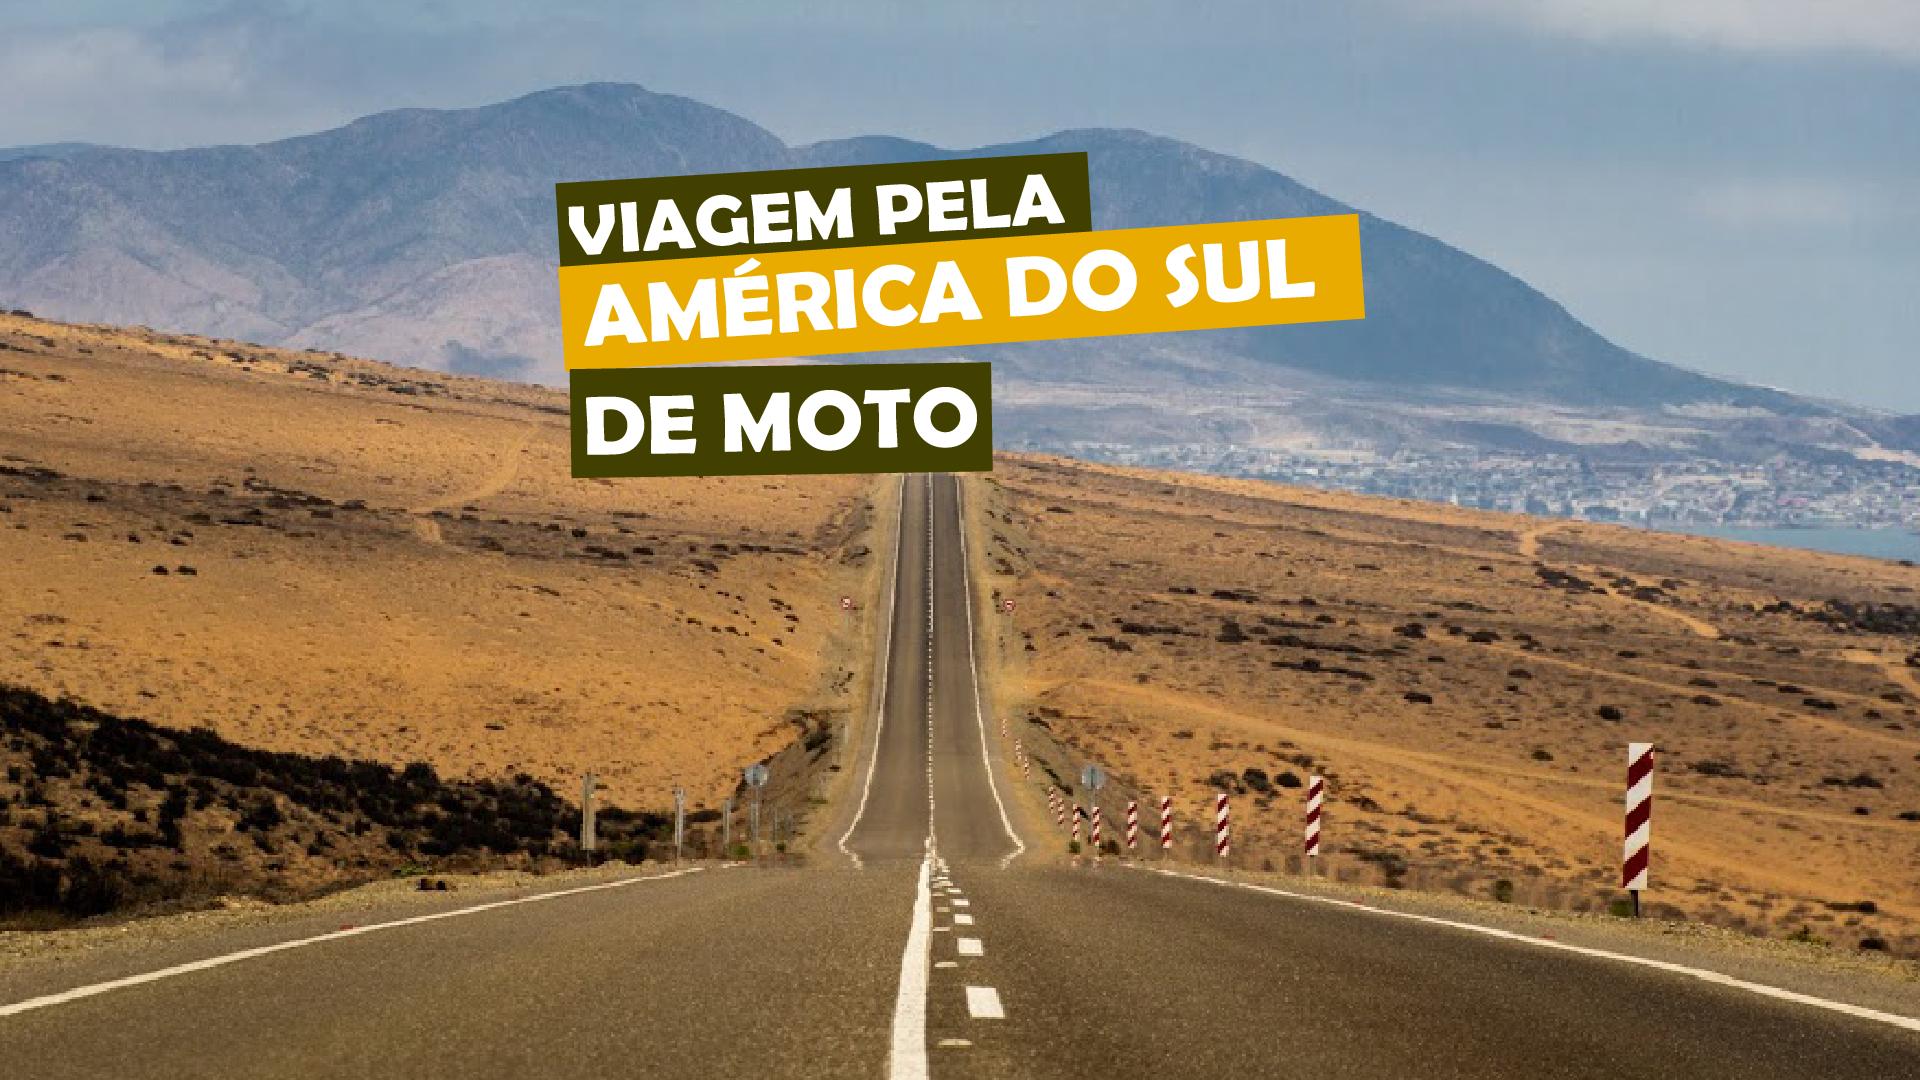 You are currently viewing Viagem pela América do Sul de moto